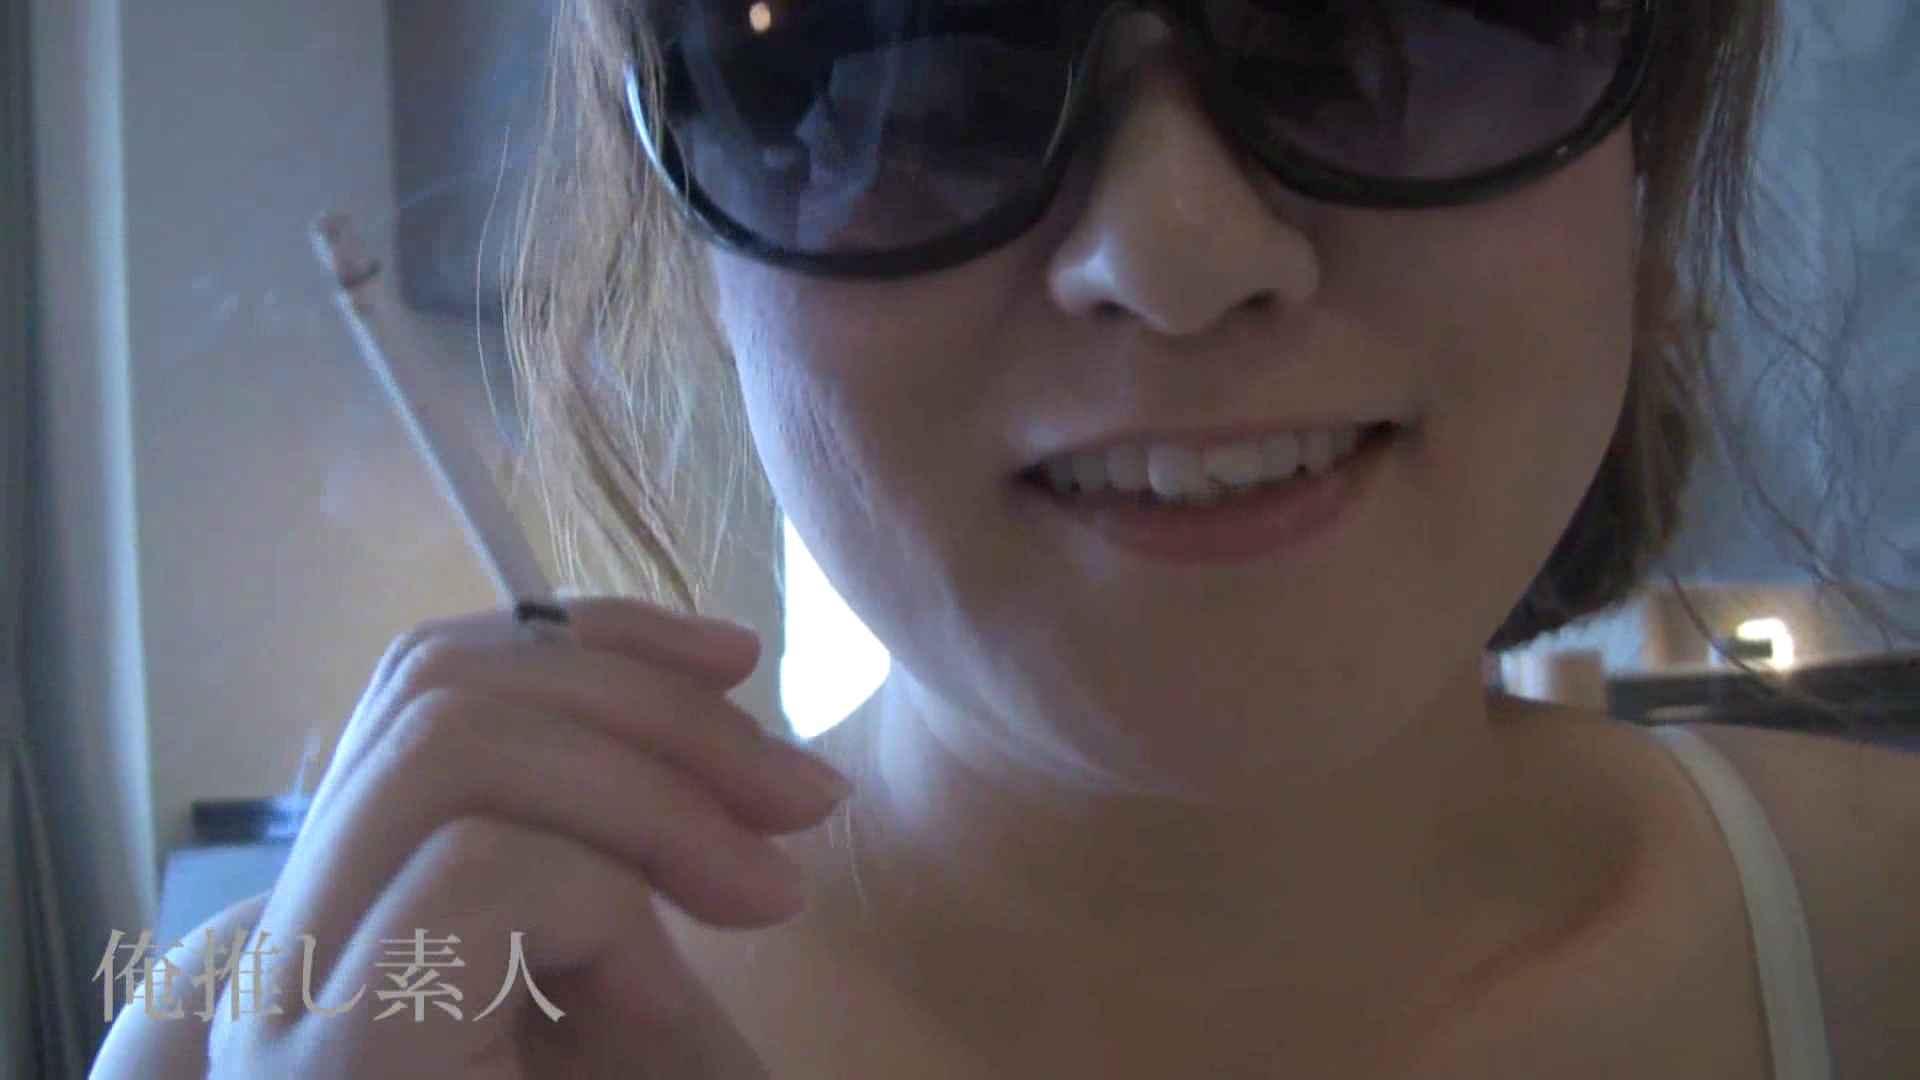 俺推し素人 キャバクラ嬢26歳久美vol5 OL裸体 | ギャル達のセックス  91画像 25